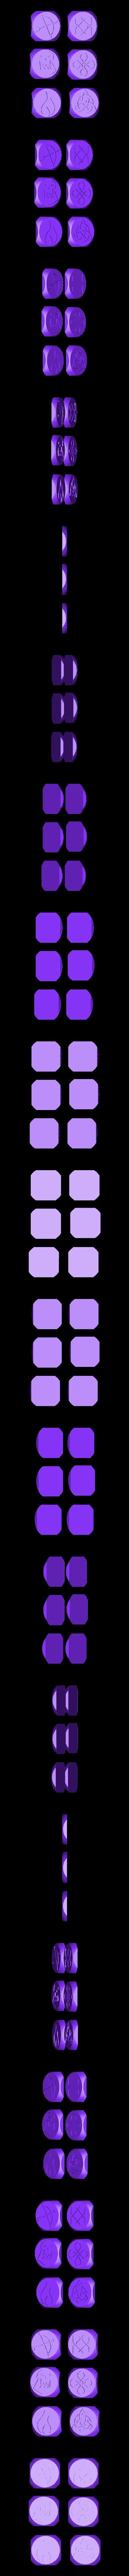 Mini_Bases_symbols_part2.stl Télécharger fichier STL gratuit Bases Collection _Symboles • Design à imprimer en 3D, 3D-mon